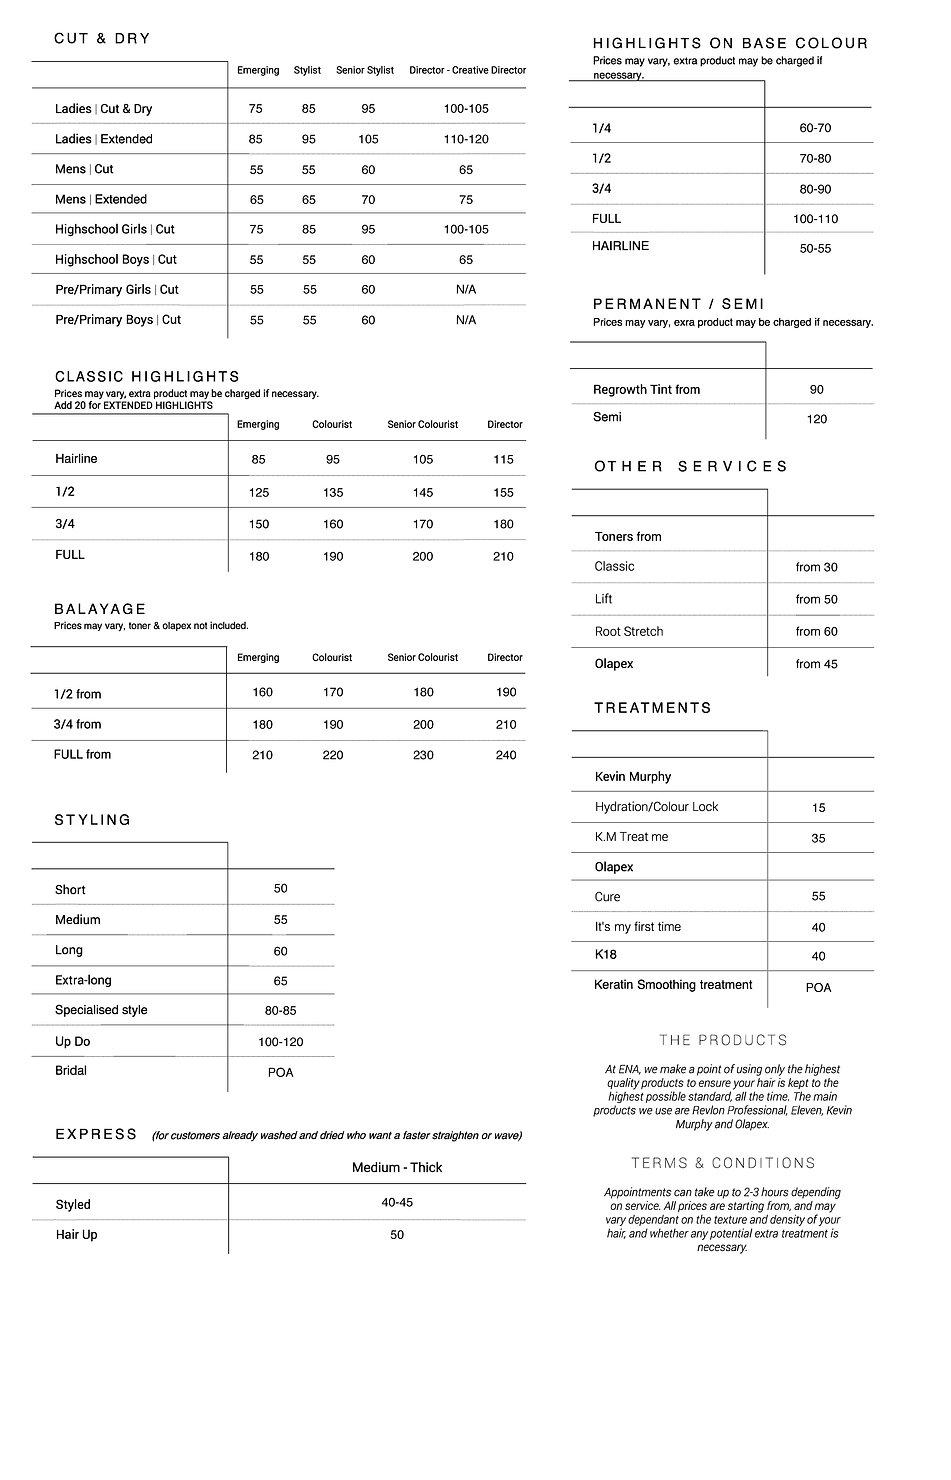 2021 ENA HAIR PRICELIST INTERACTIVE copy.jpg